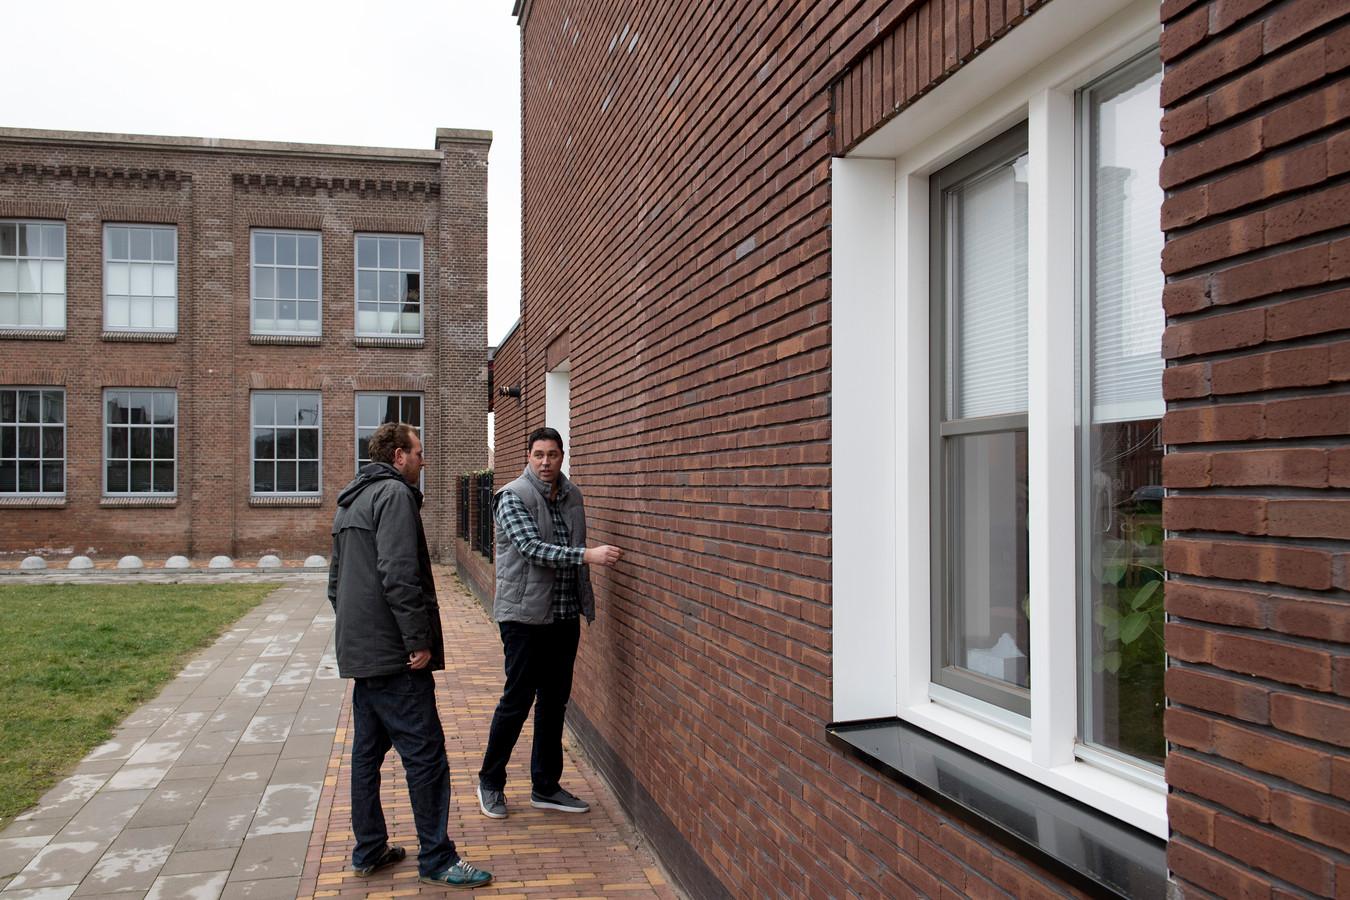 Bewoner Jan Willem van der Veen en bouwdeskundige Danny Veerman op het Enka-terrein in Ede. De woningen voldoen niet aan de bouwvergunning, constateerde de toezichthouder.